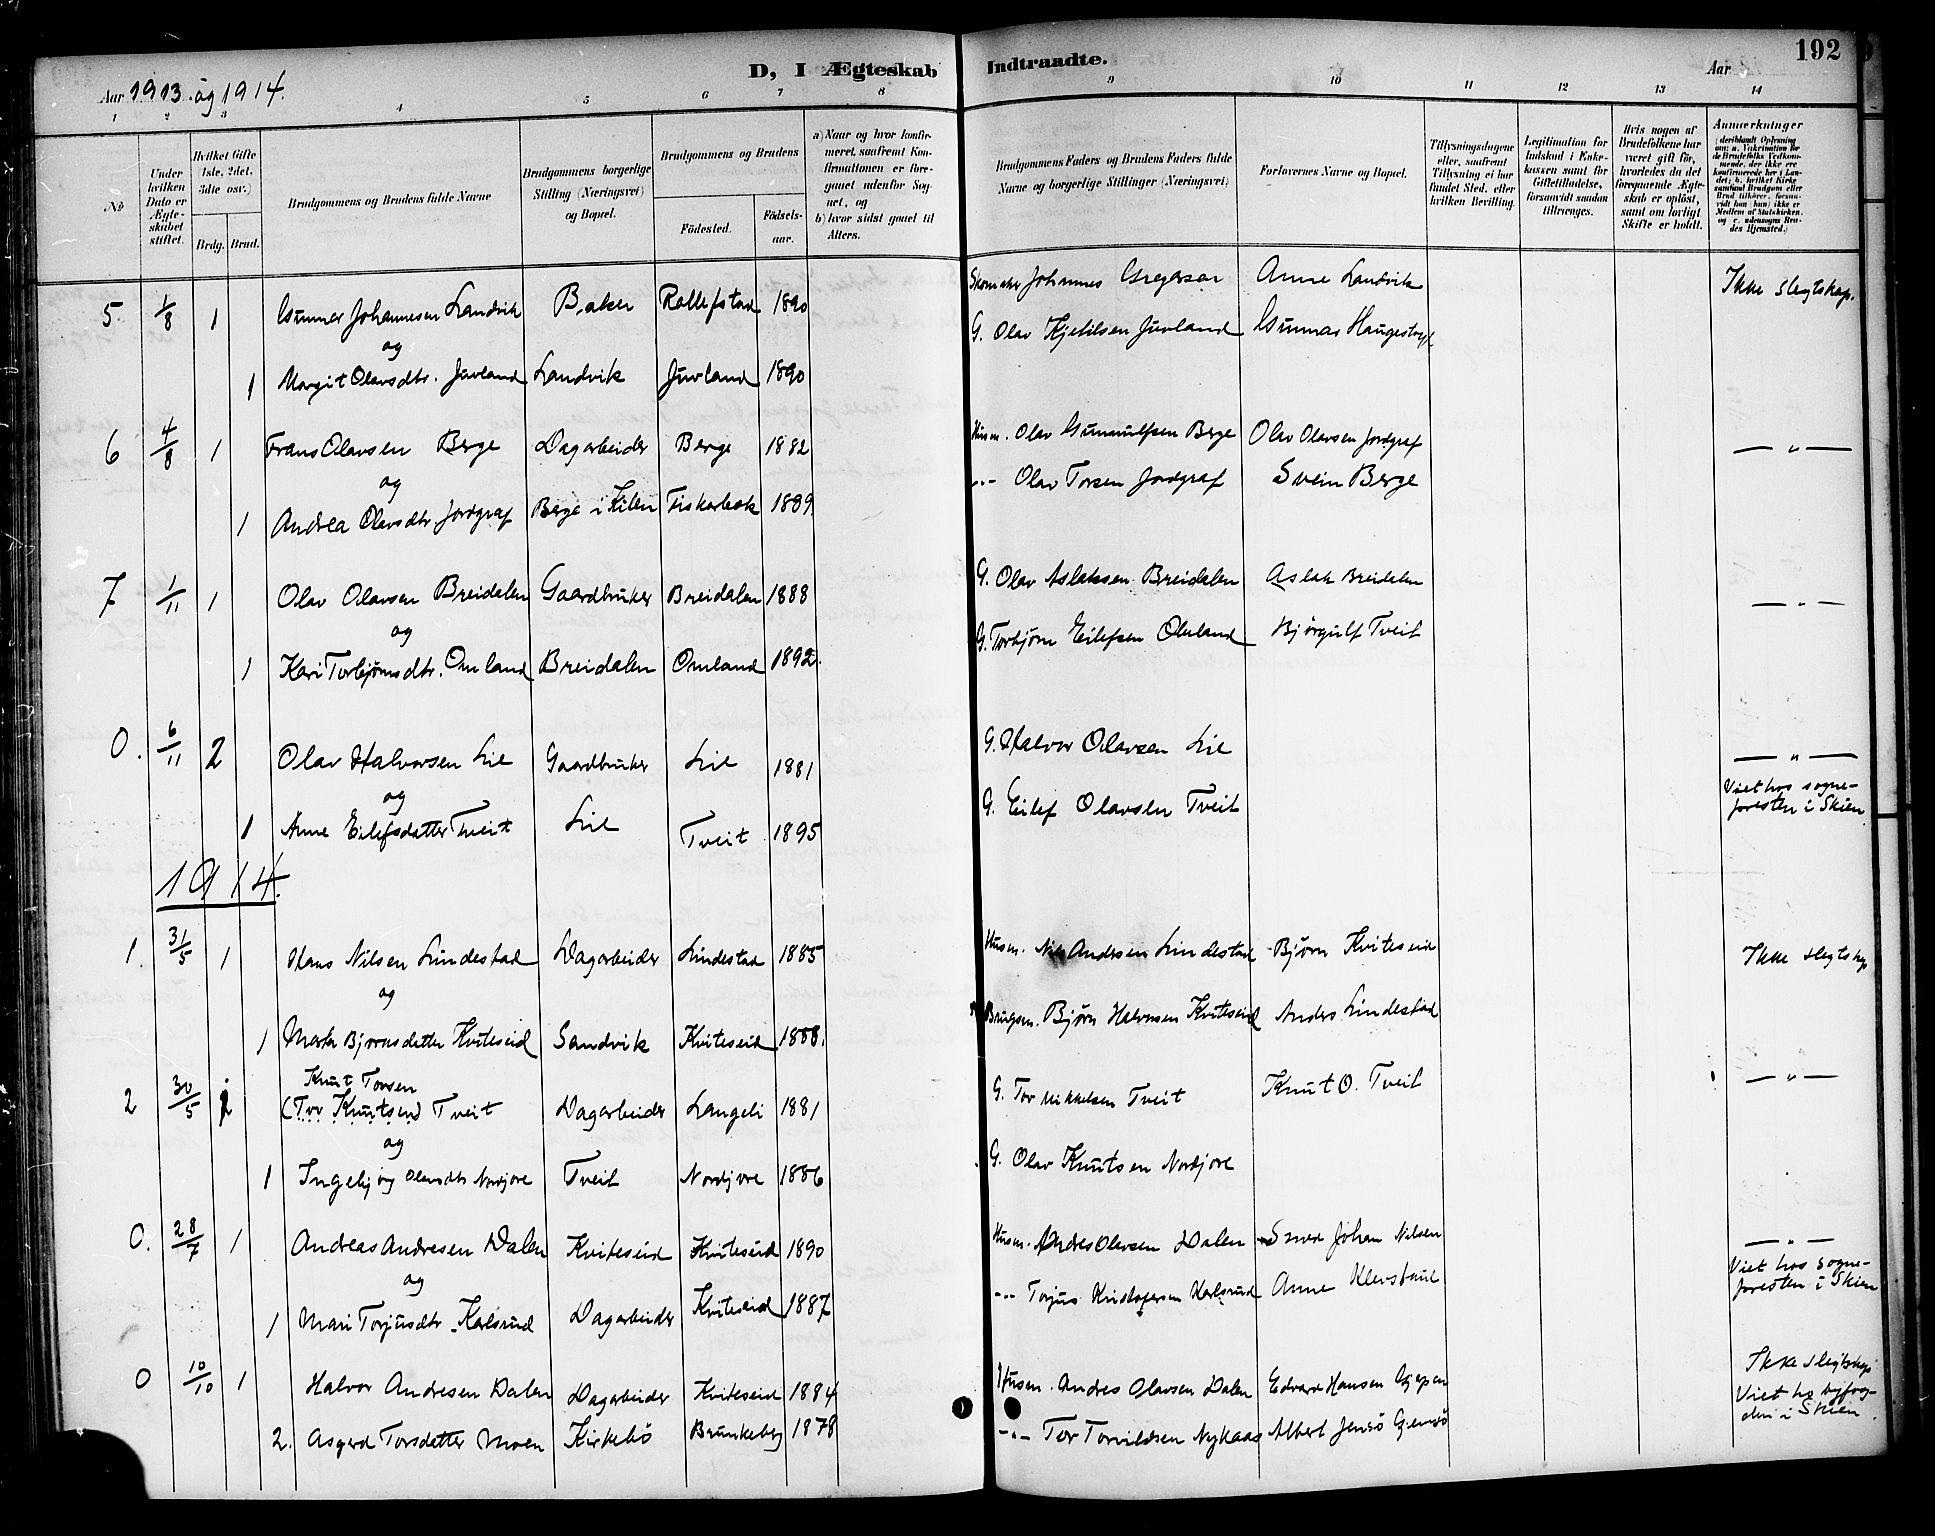 SAKO, Kviteseid kirkebøker, G/Ga/L0002: Klokkerbok nr. I 2, 1893-1918, s. 192